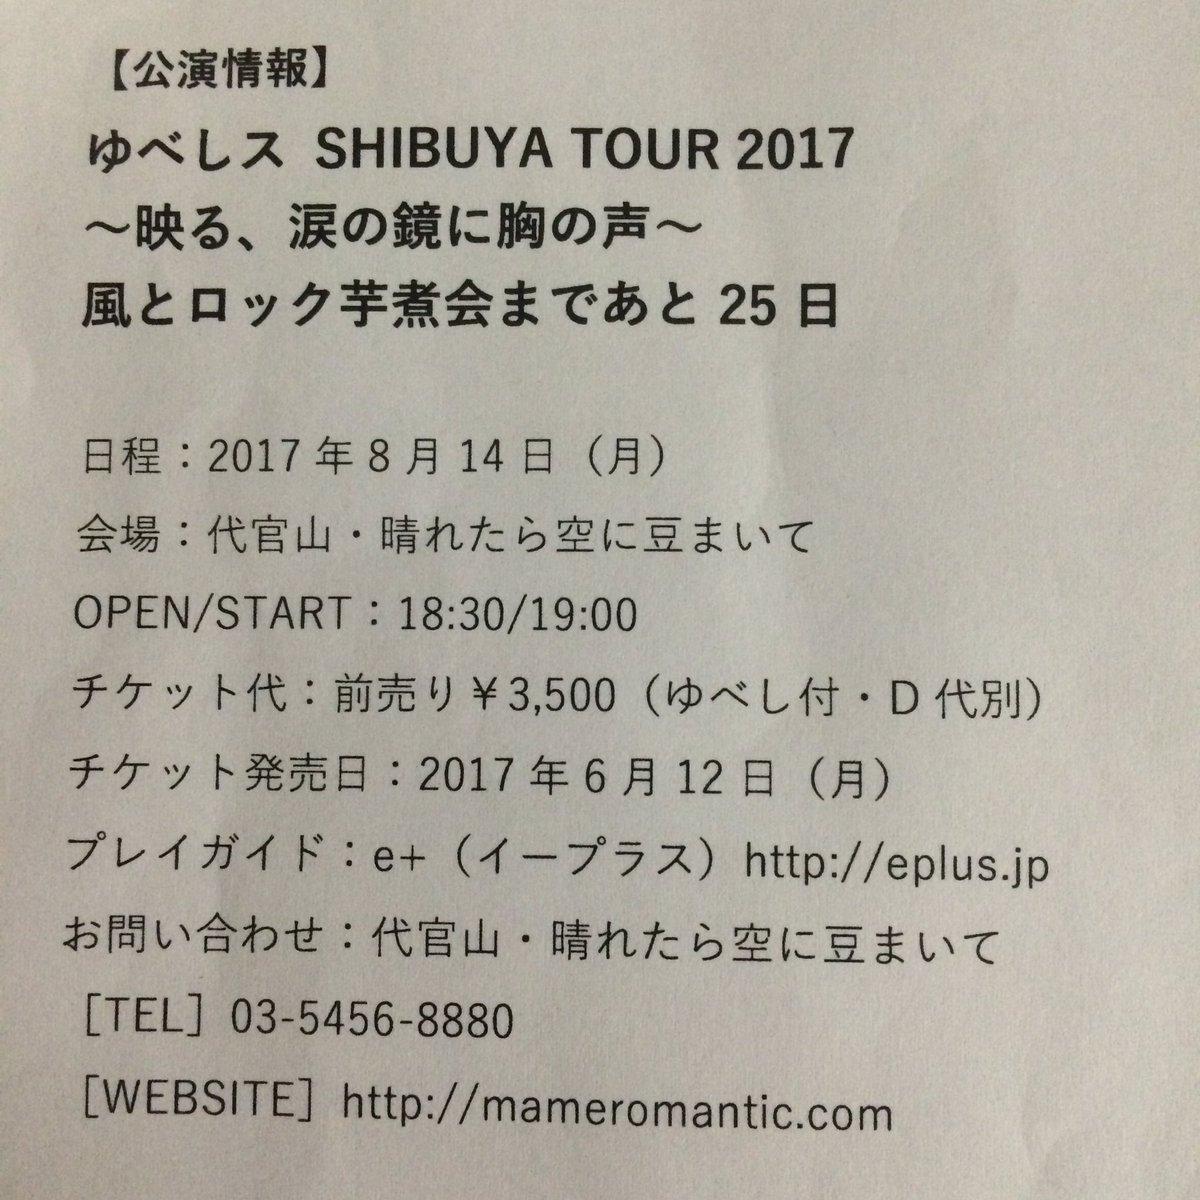 ゆべしス、四年ぶりのワンマンライブ決定!! https://t.co/BvYVqqFD4o